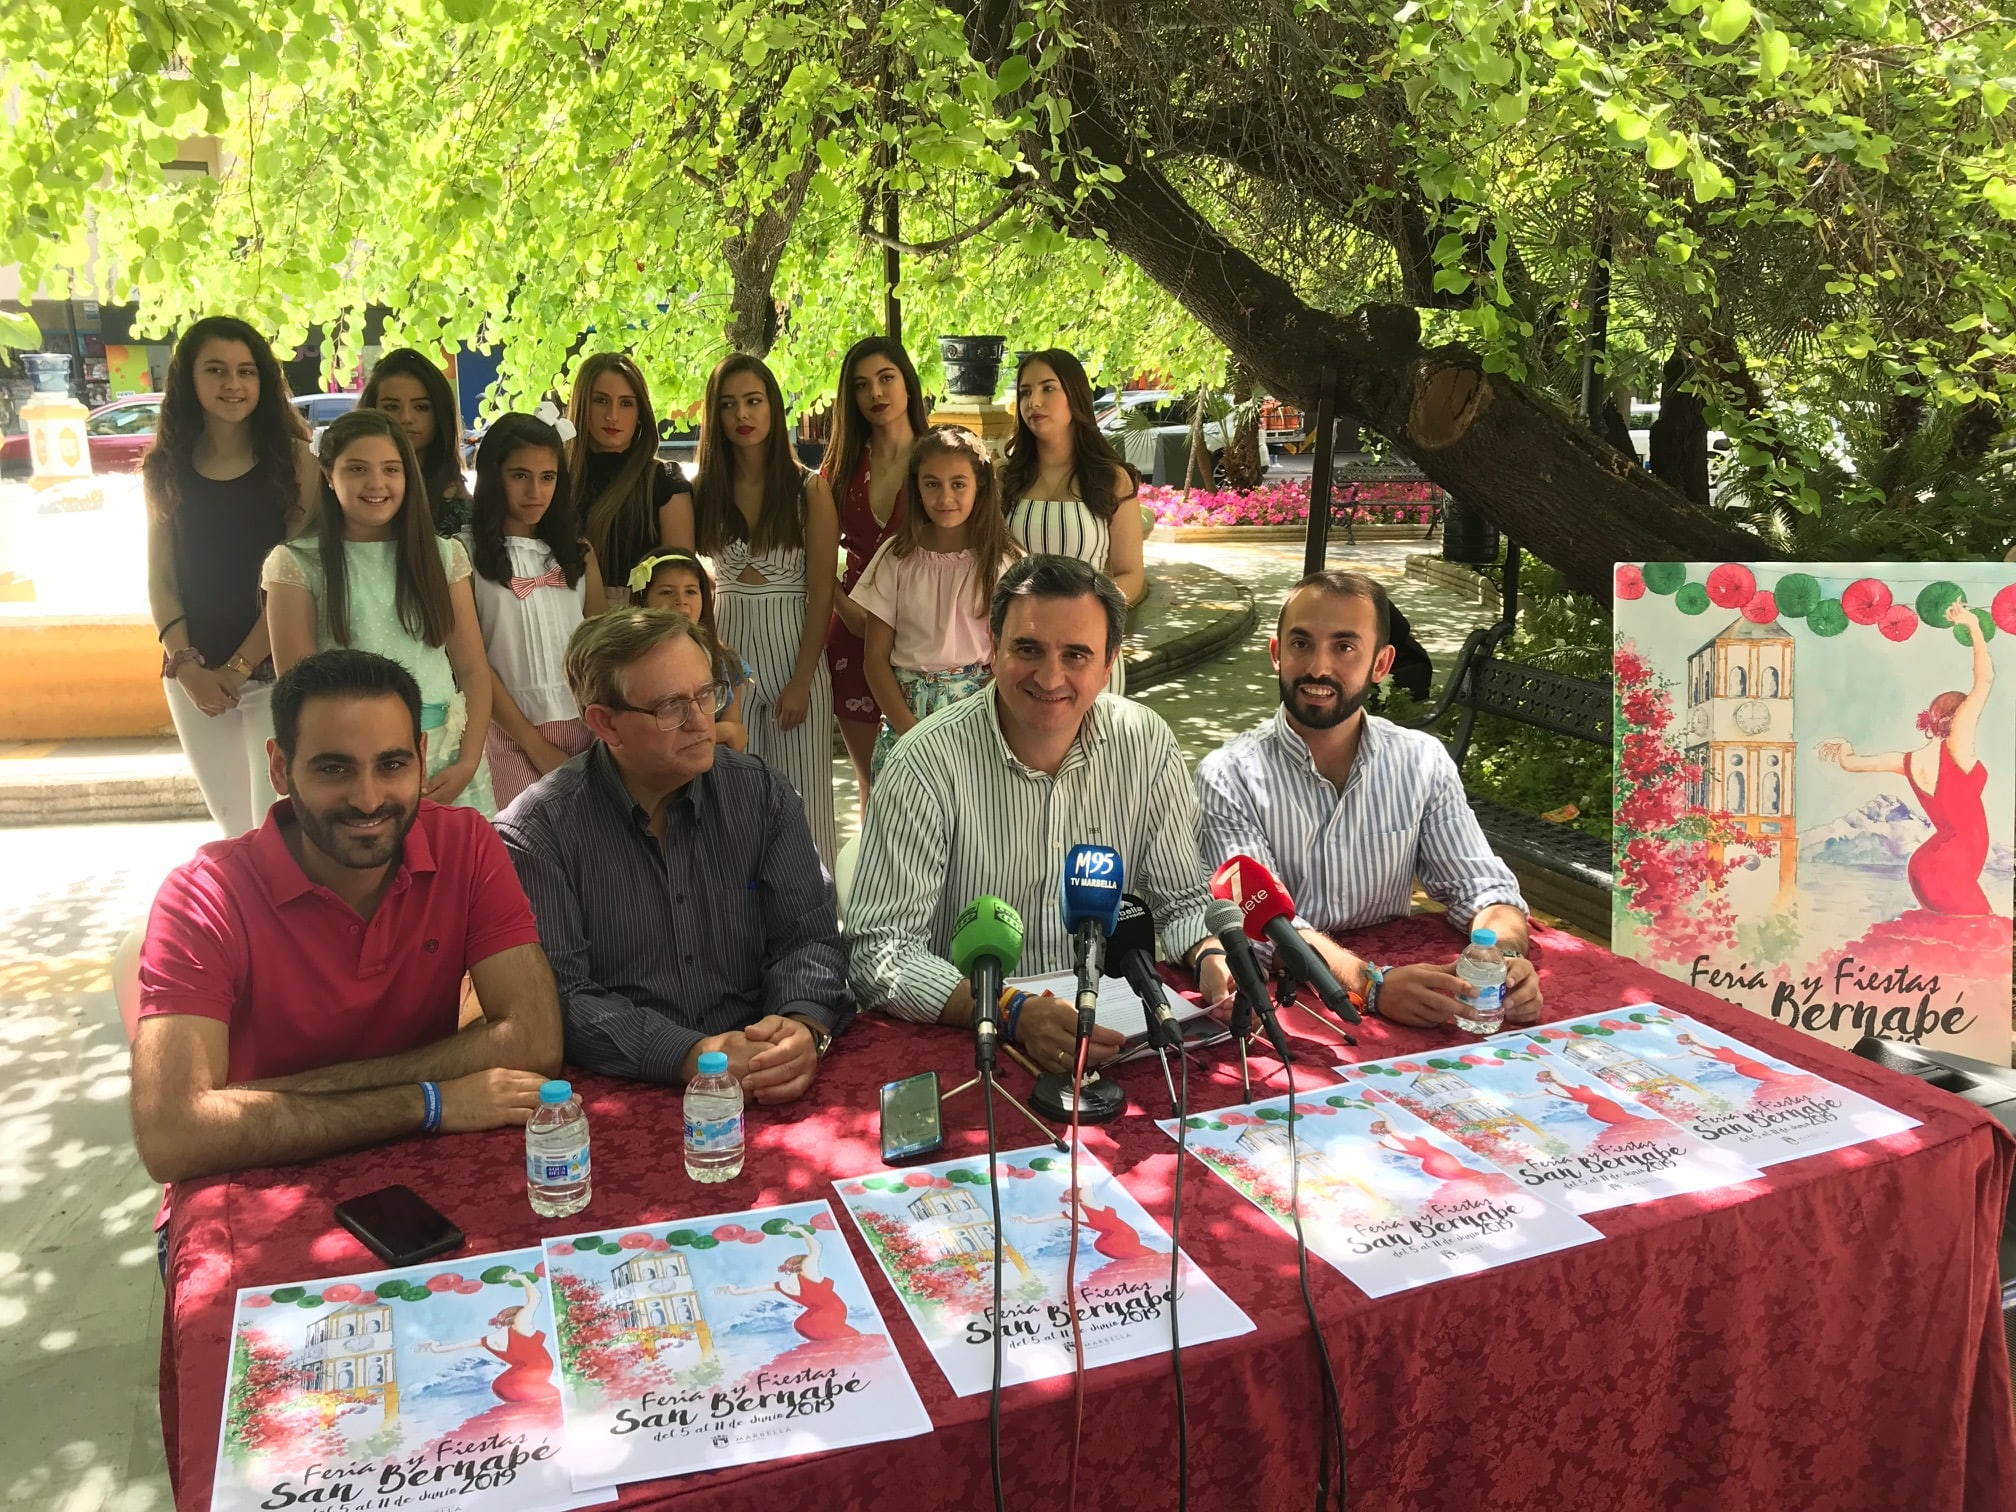 La Romería de San Bernabé abrirá el 2 de junio el programa de la Feria de Marbella 2019